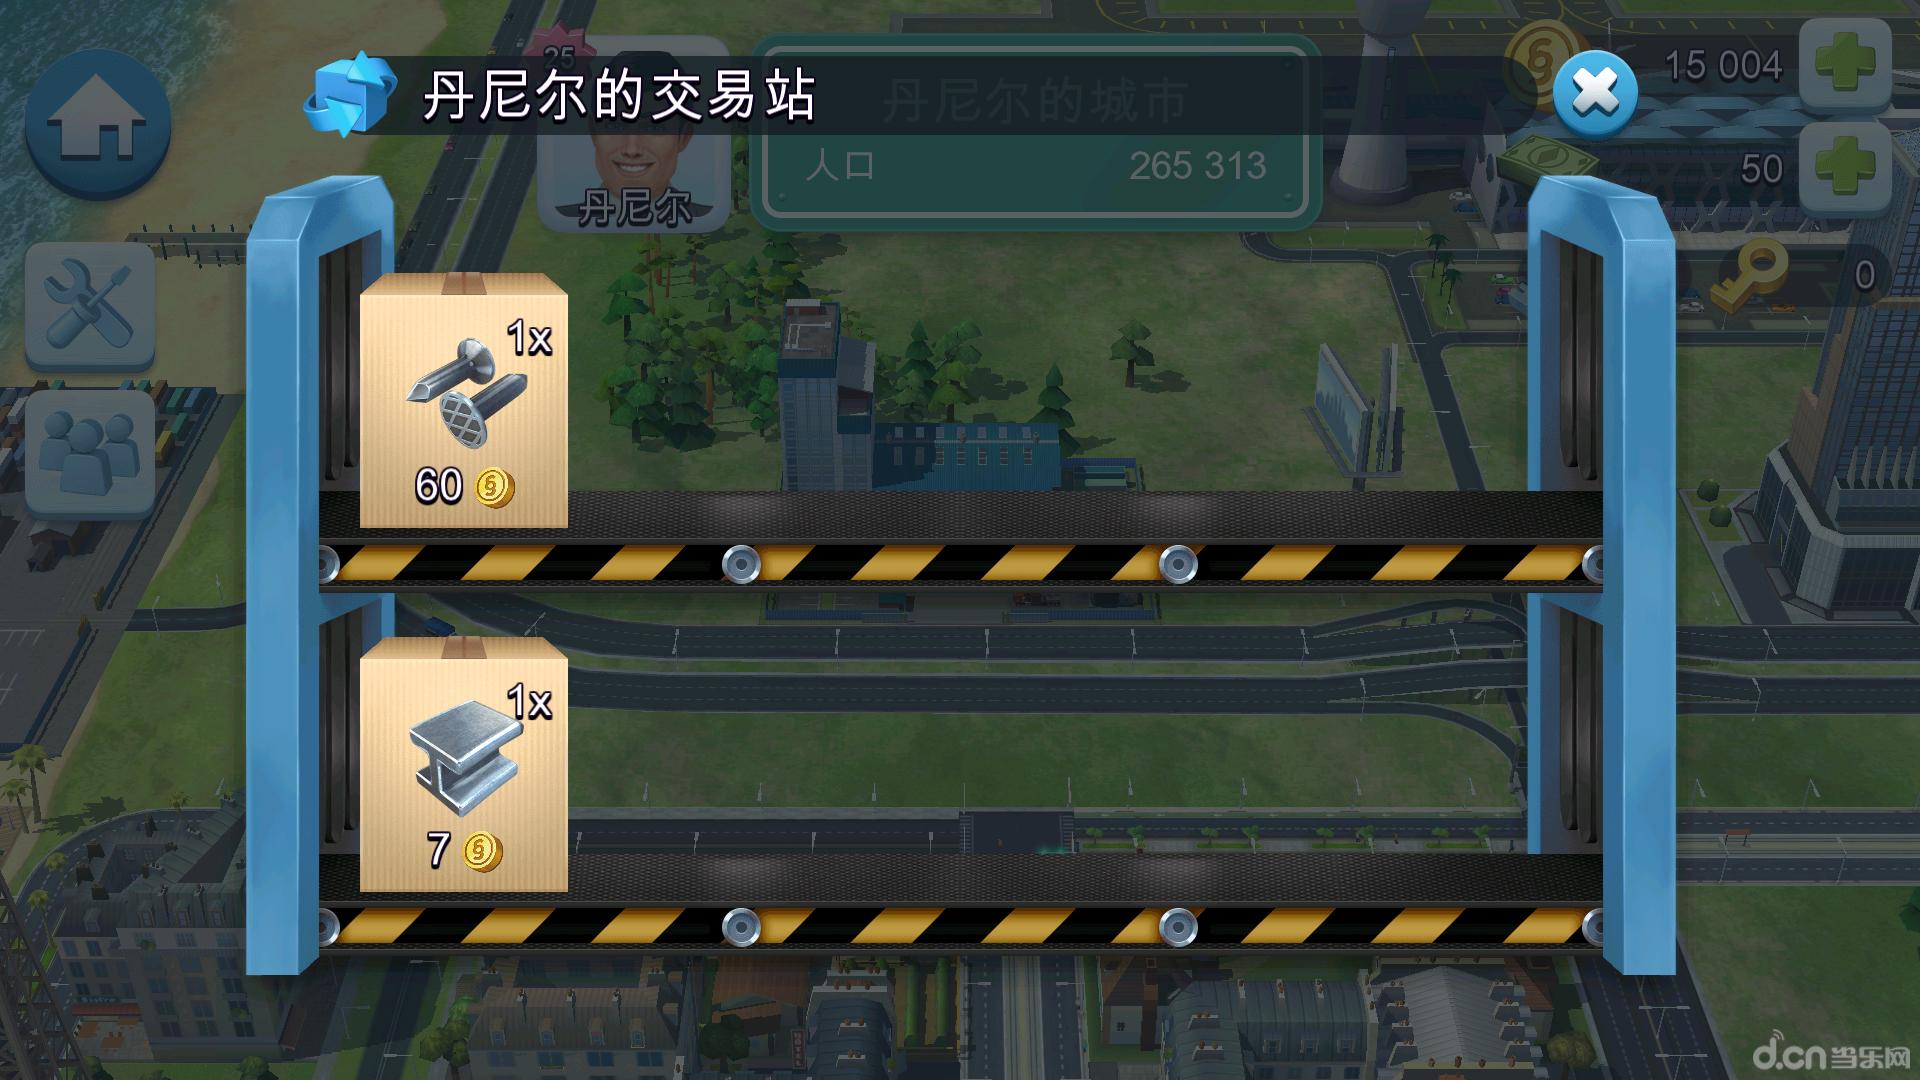 制造飞机游戏下载